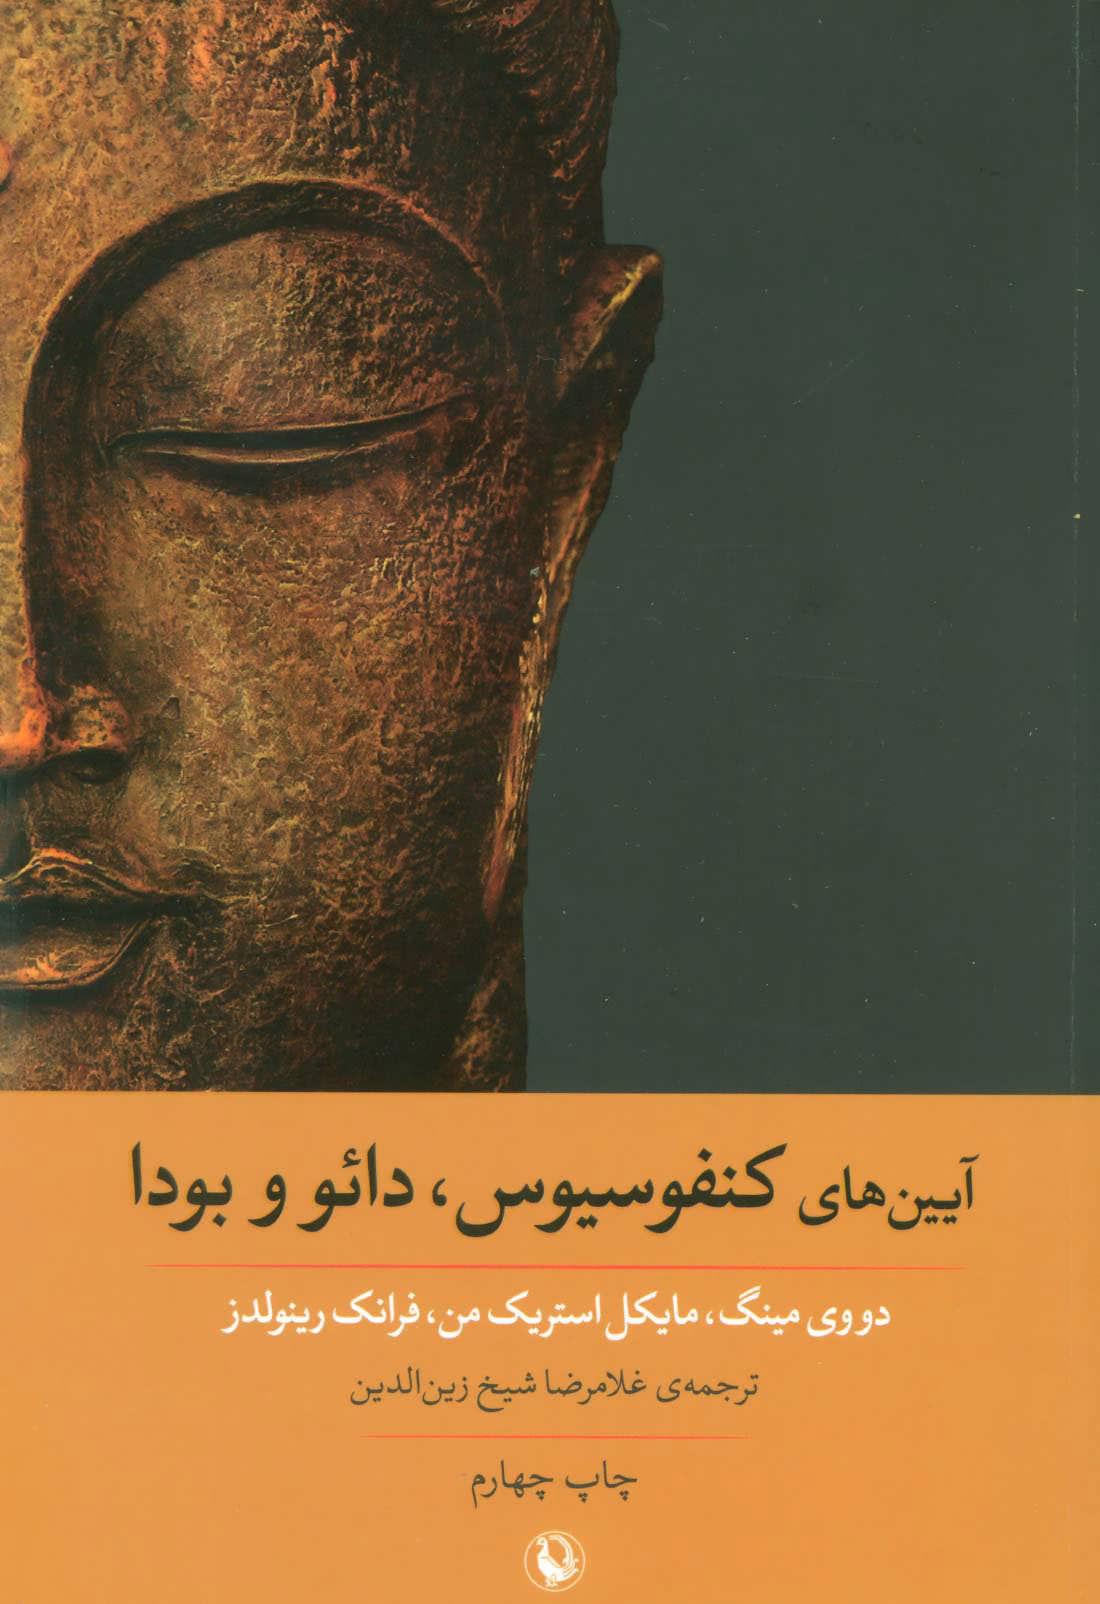 کتاب آیین های کنفوسیوس،دائو و بودا